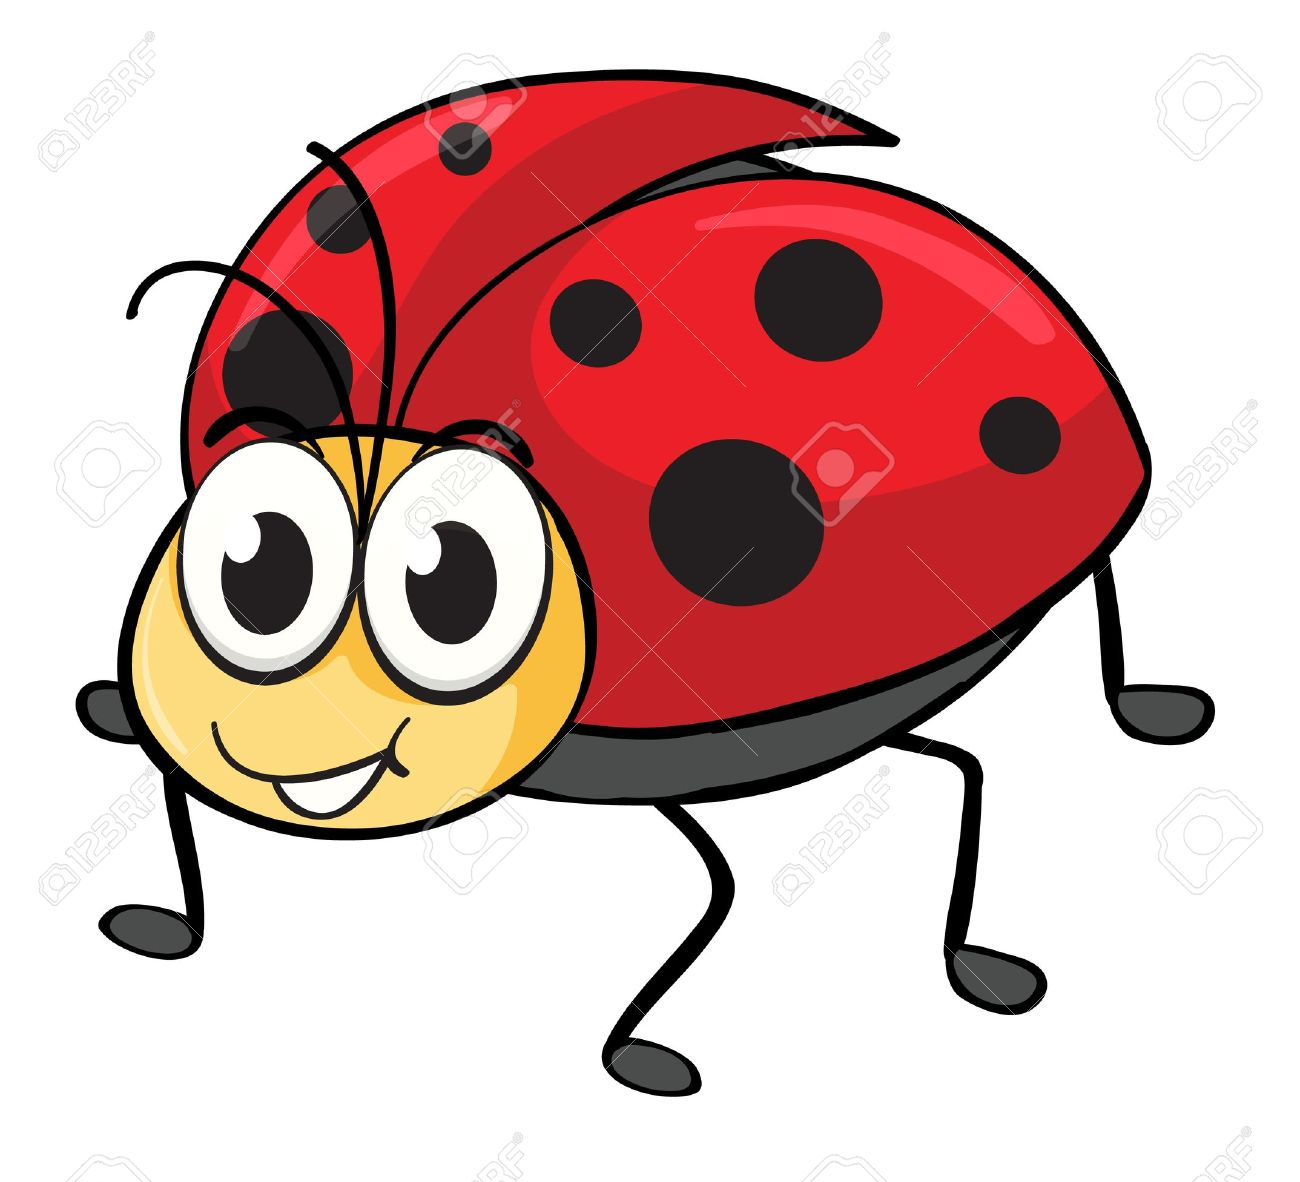 Ladybug Cartoon Stock Photos Images. Royalty Free Ladybug Cartoon ...